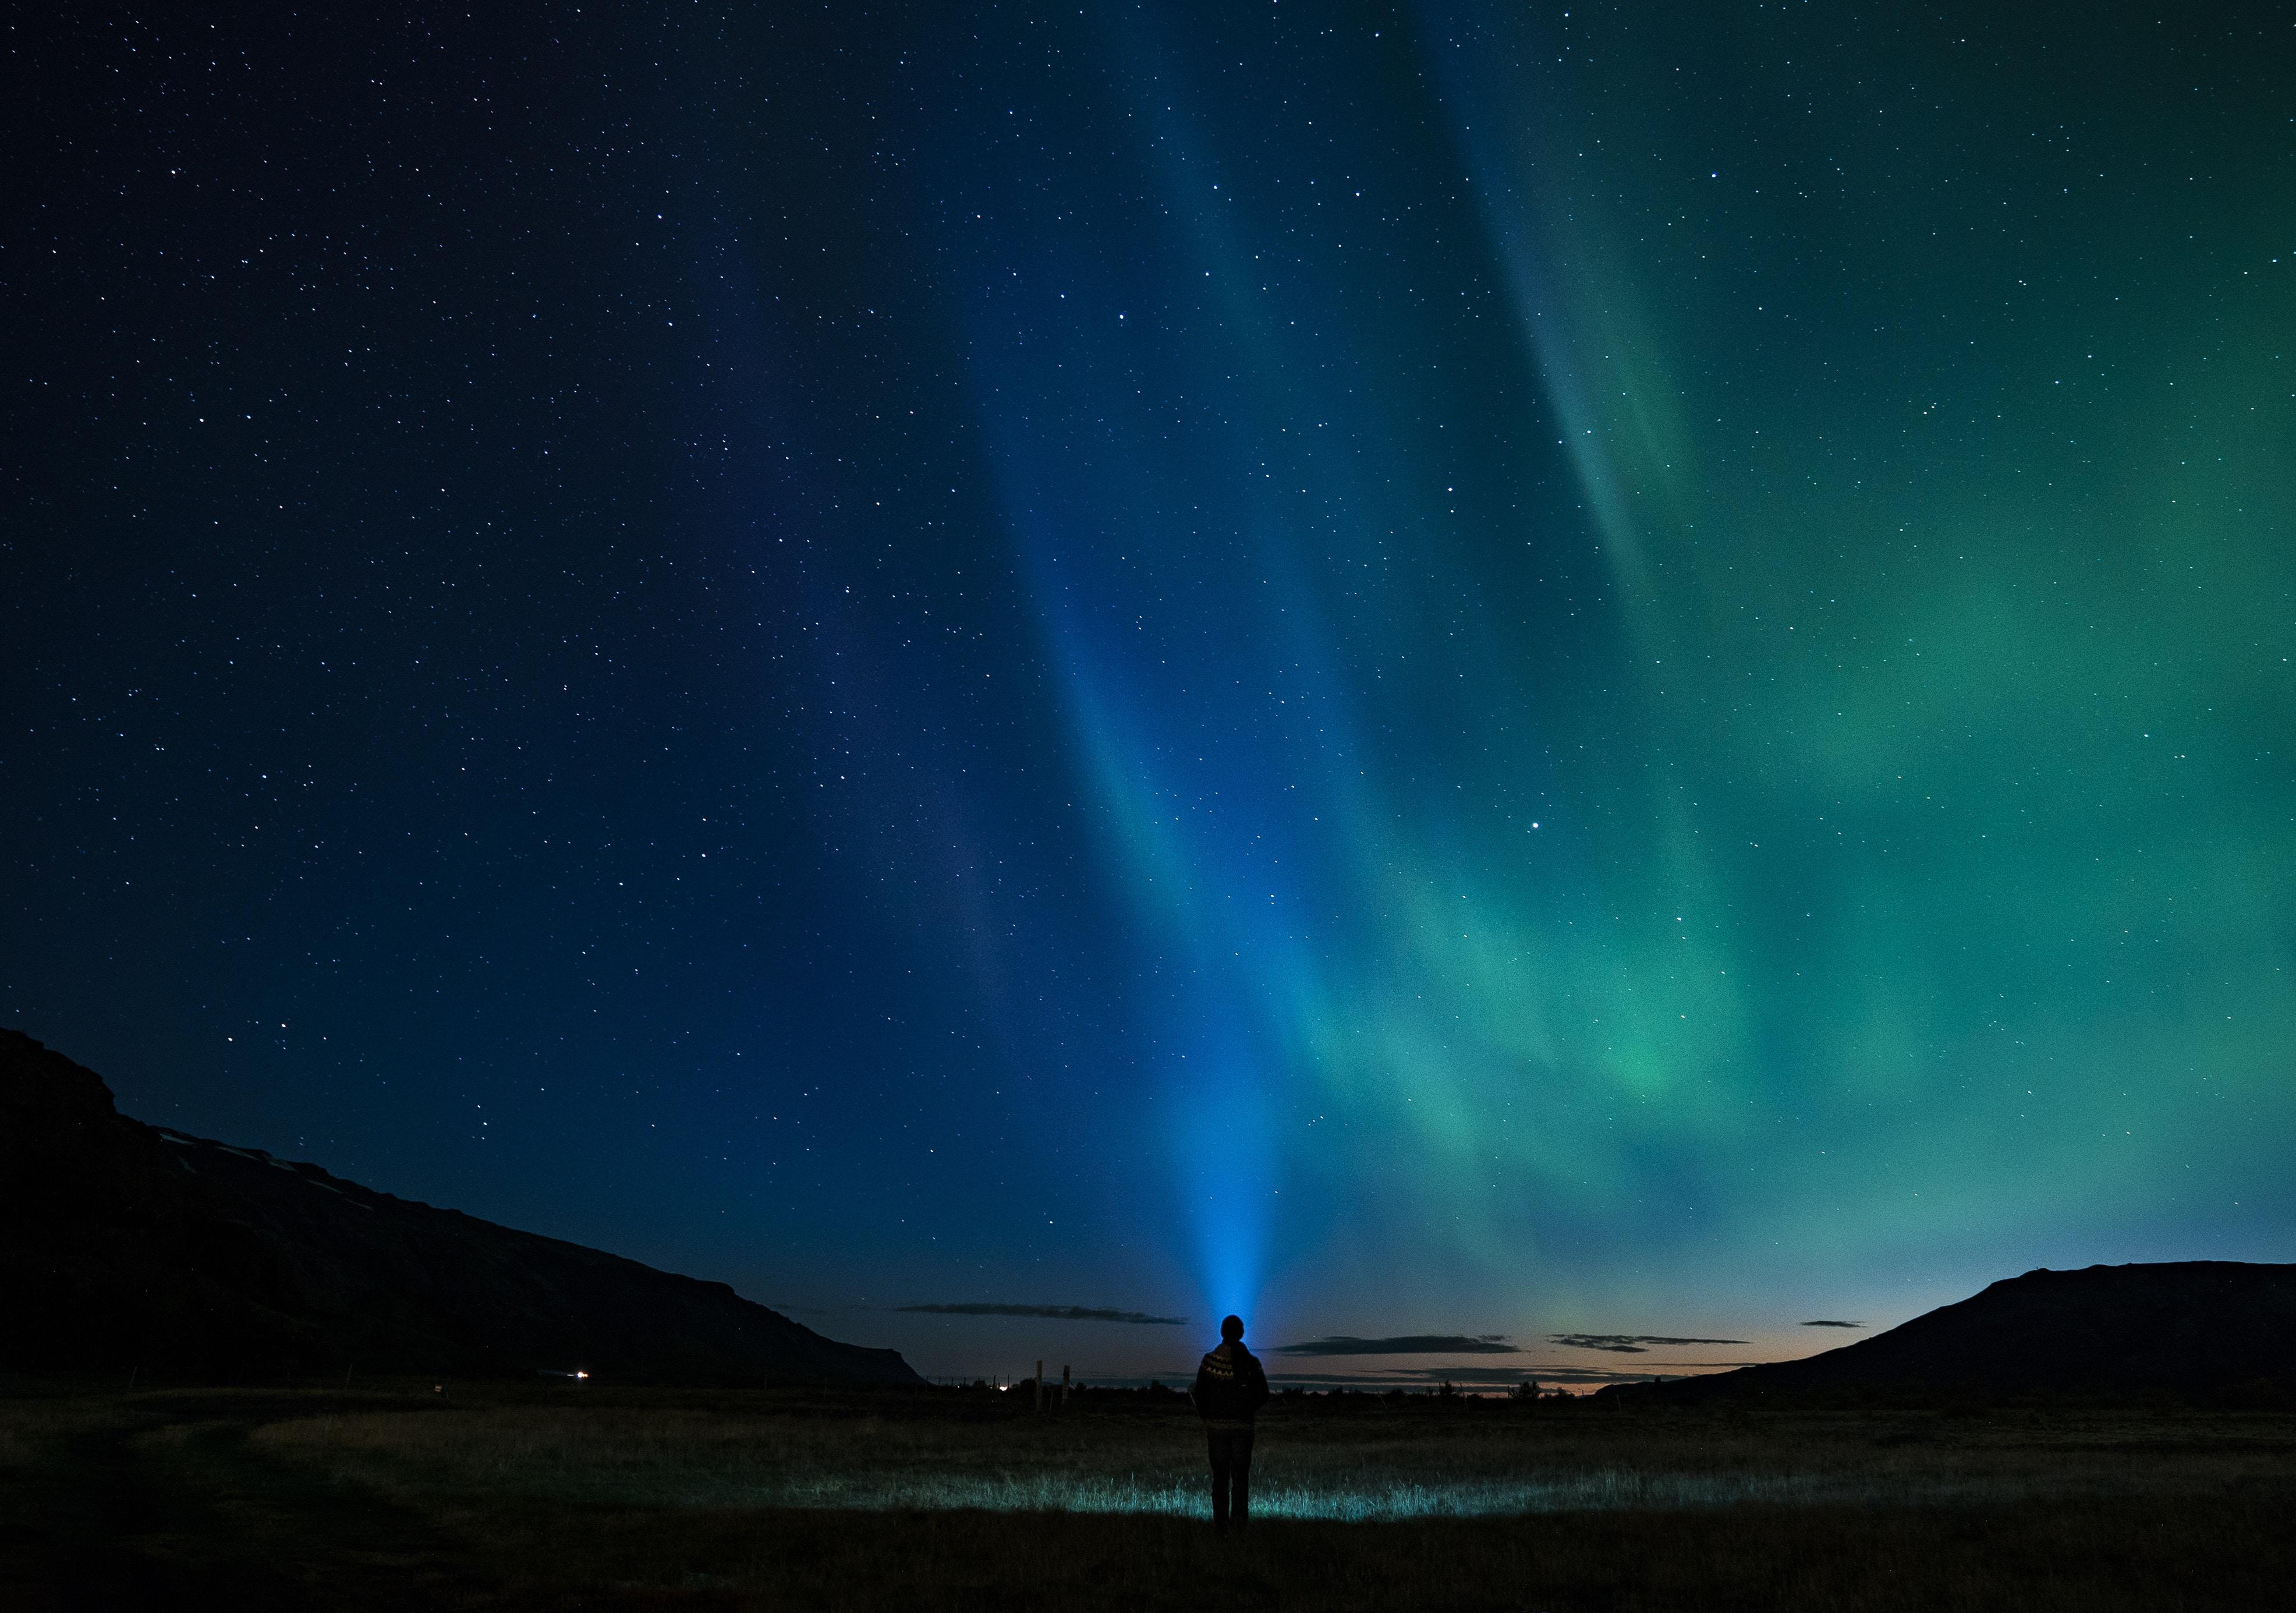 118552壁紙のダウンロード闇, 暗い, 星空, シルエット, オーロラ, 北極光, 孤独, 寂しさ-スクリーンセーバーと写真を無料で